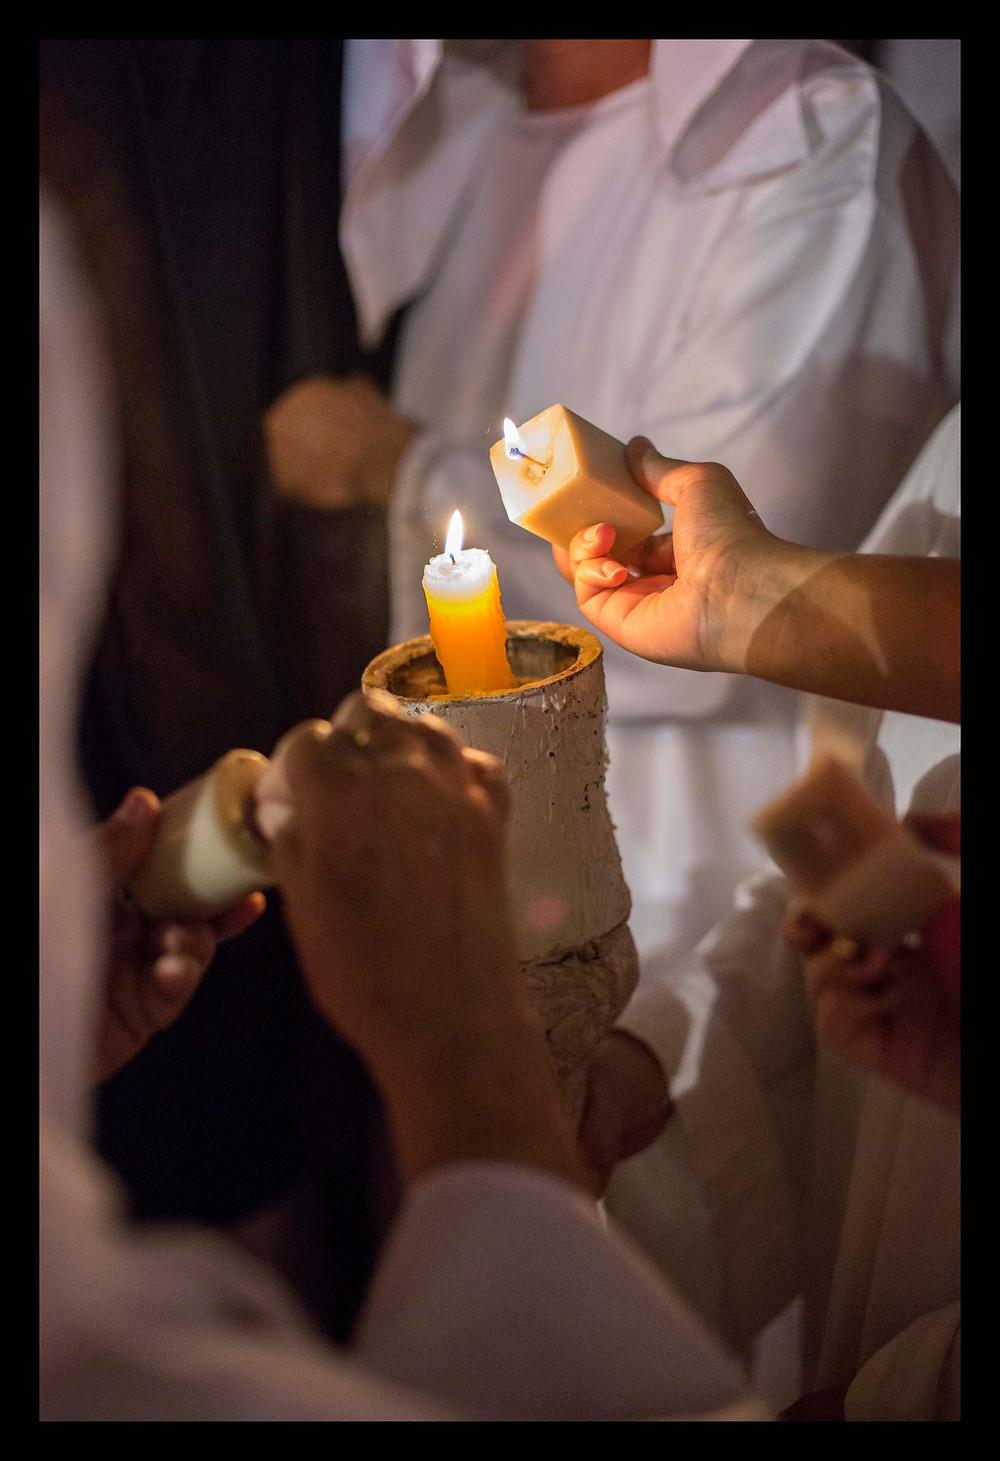 Quadro Colaboração - Velas sendo acessas durante a procissão das Almas em Mariana (MG)